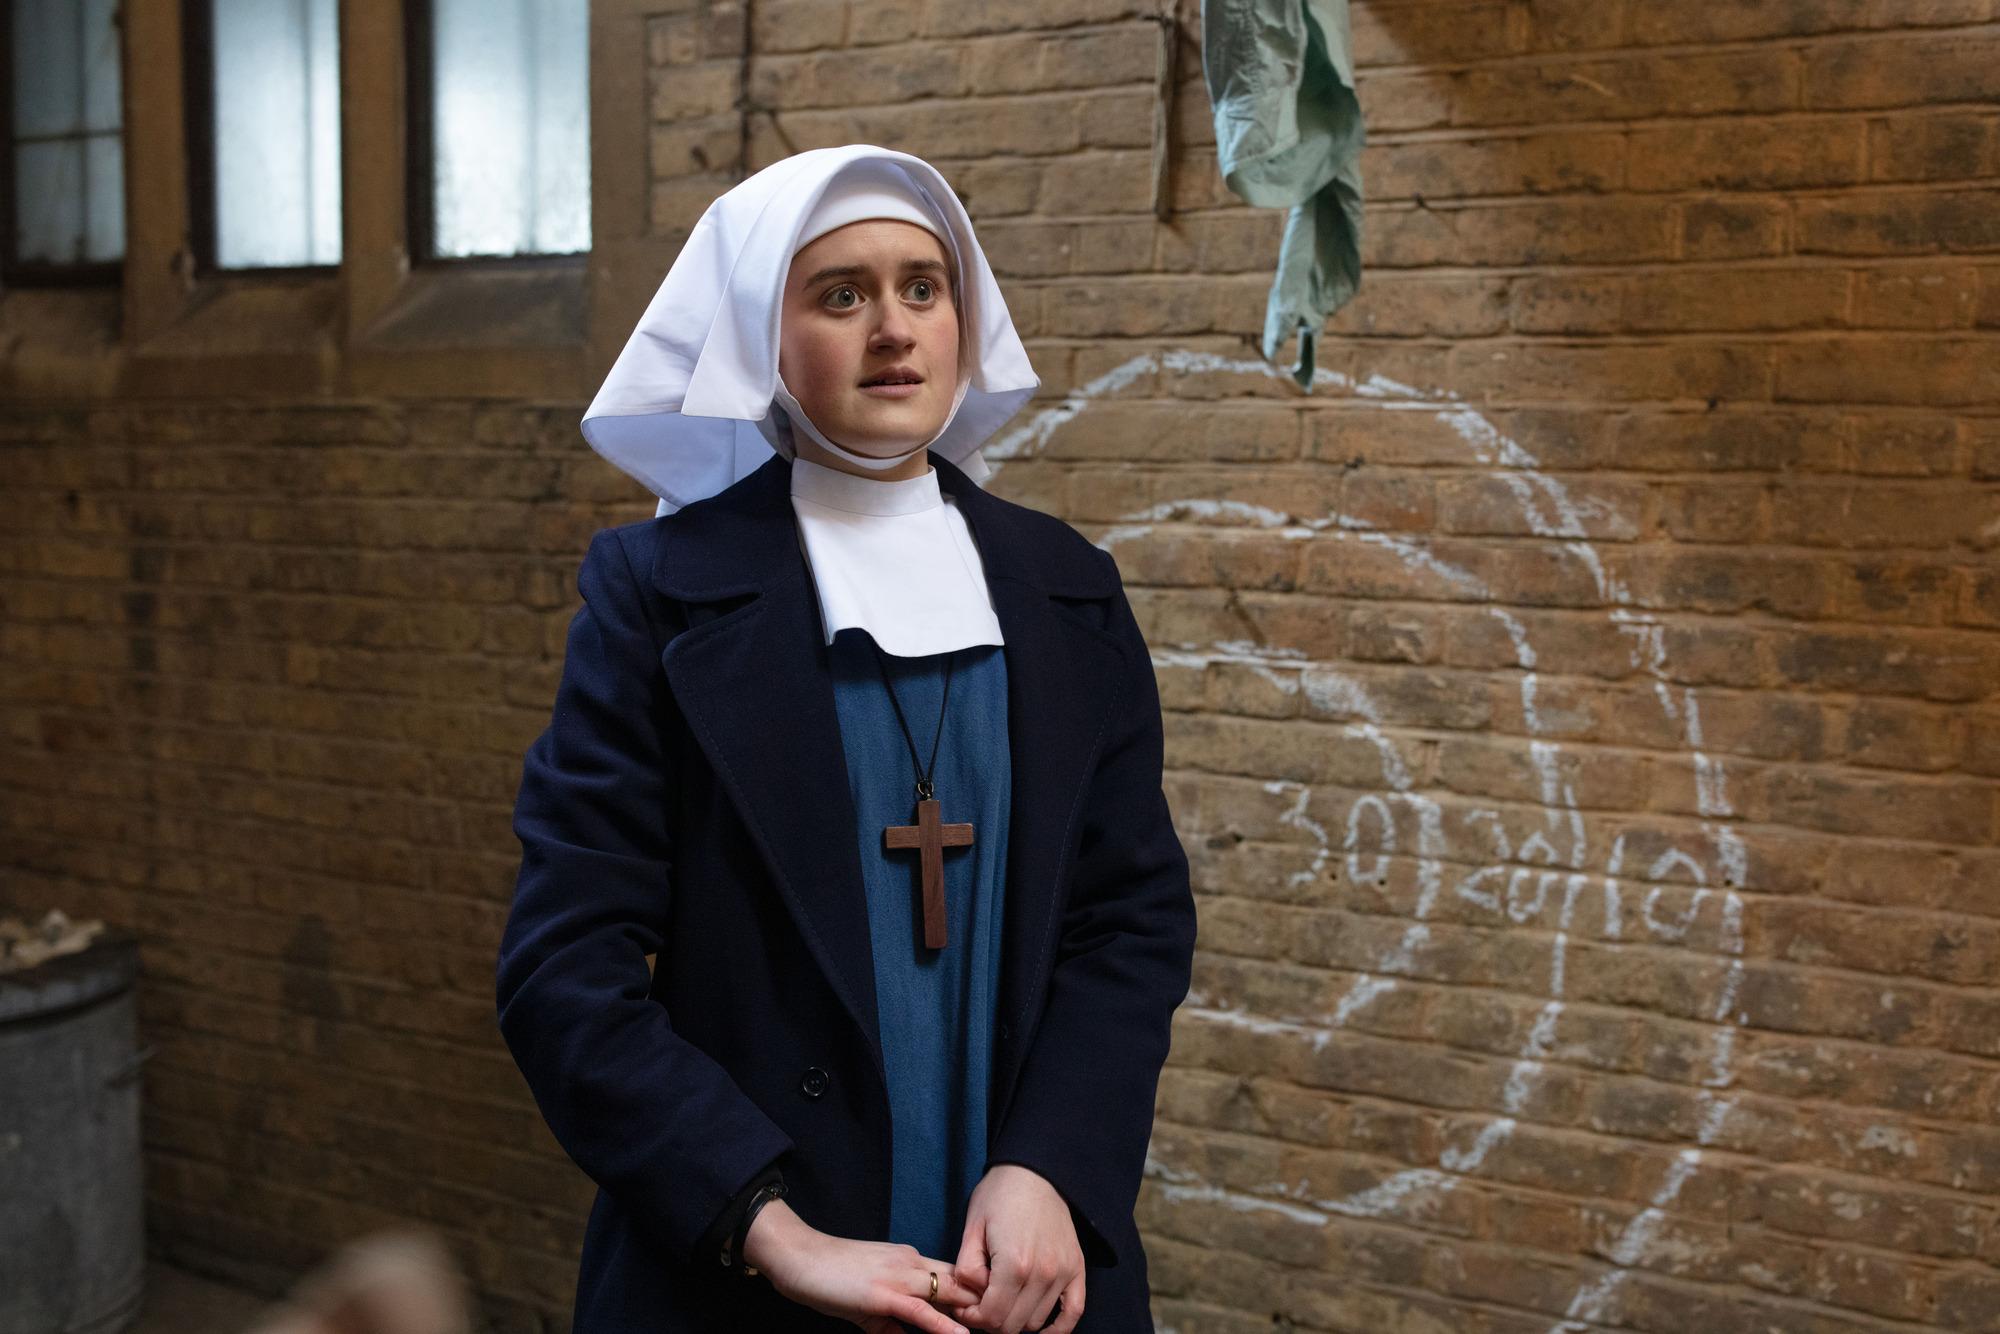 La hermana Frances llama a la comadrona